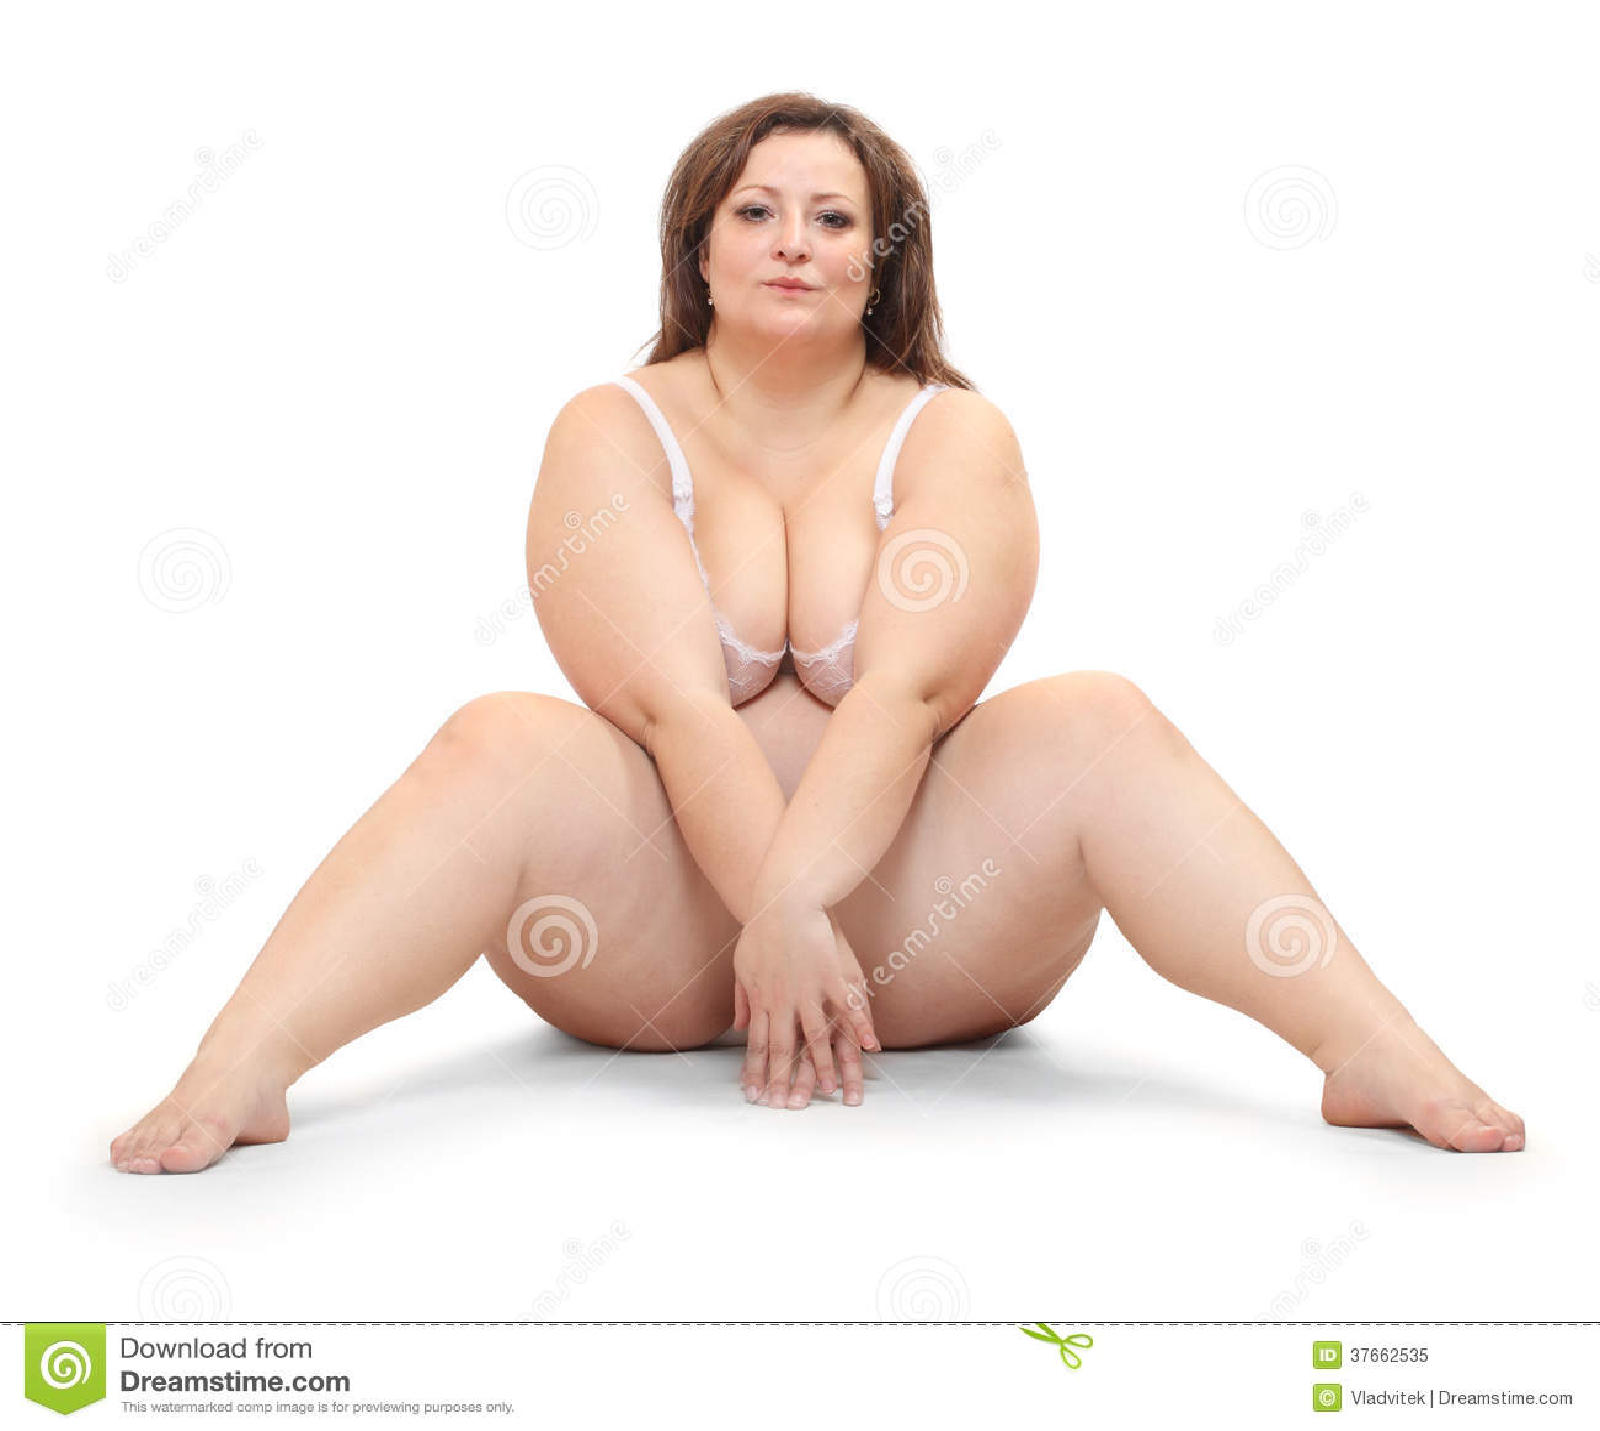 Contactos chica gorda en Luján-4612